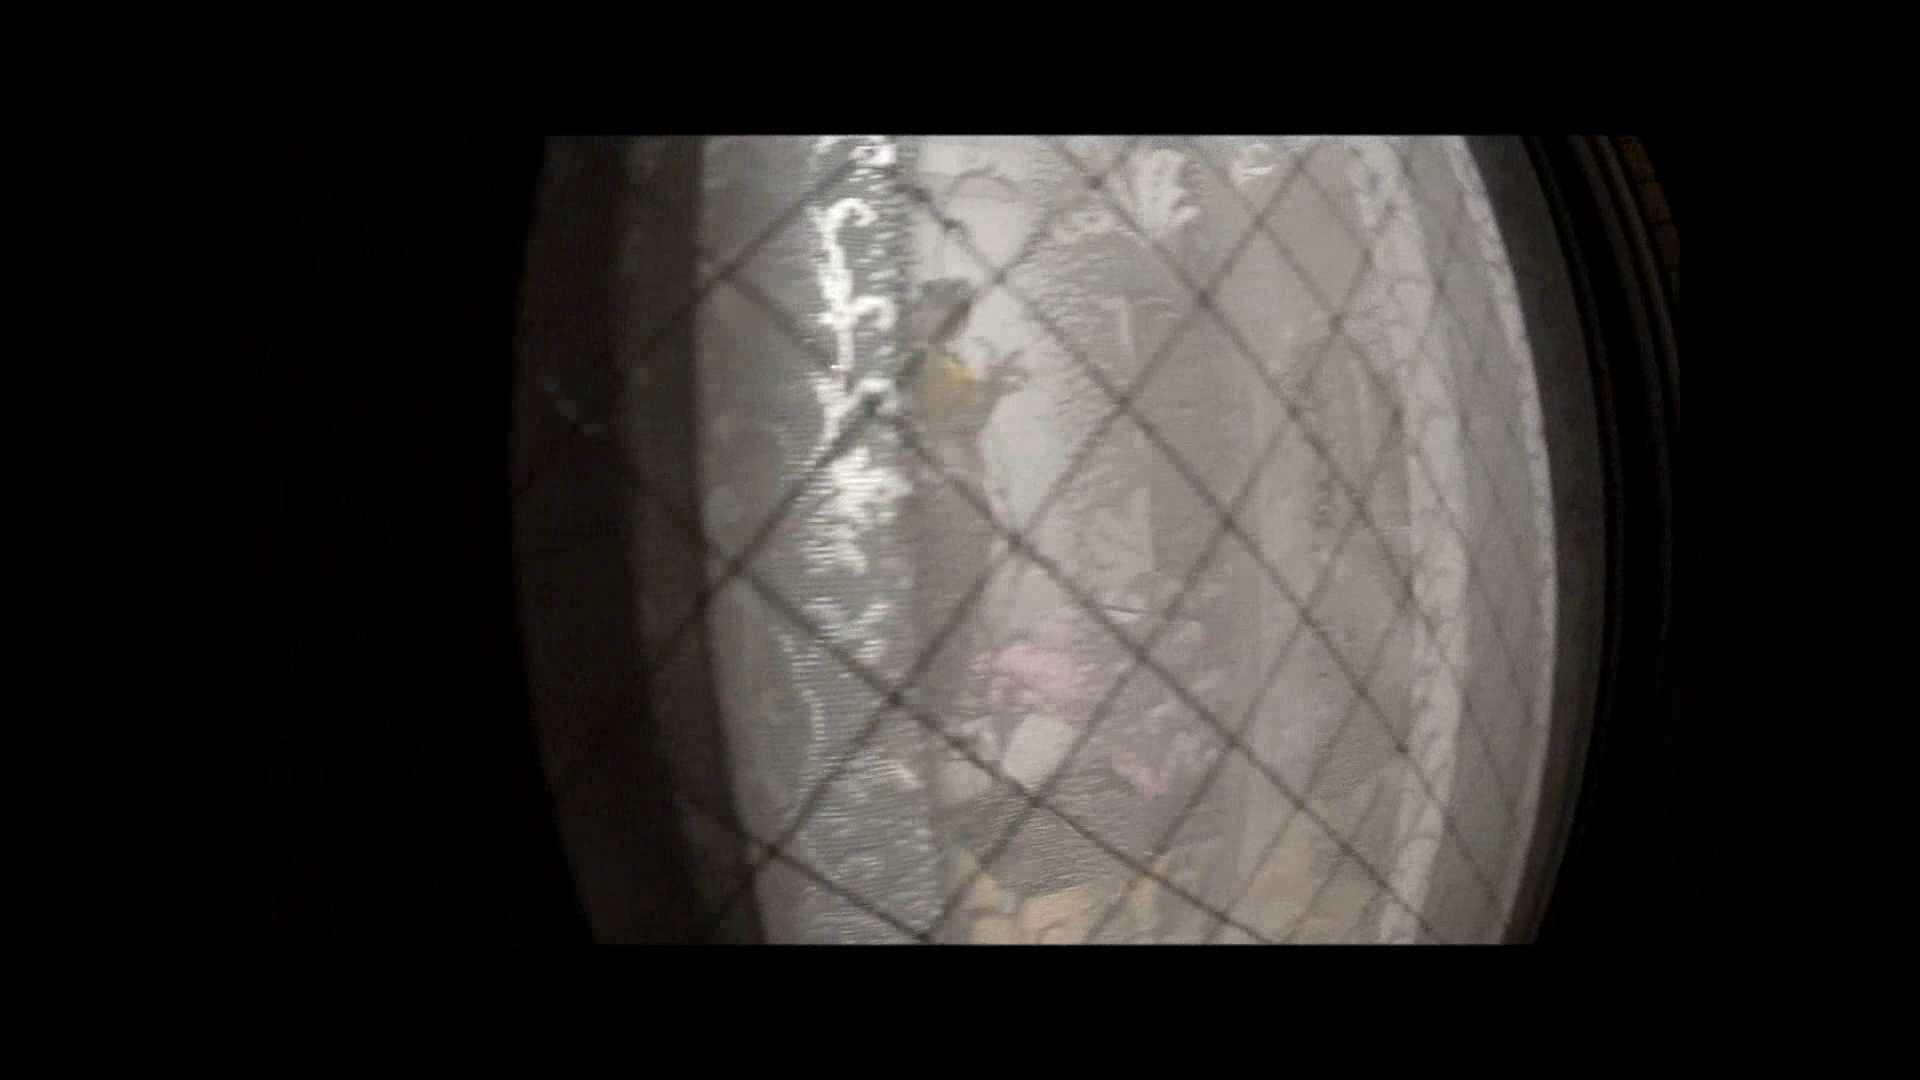 【04】別の日・・・魚眼レンズで広角に撮れました。 Hな熟女 えろ無修正画像 111pic 7